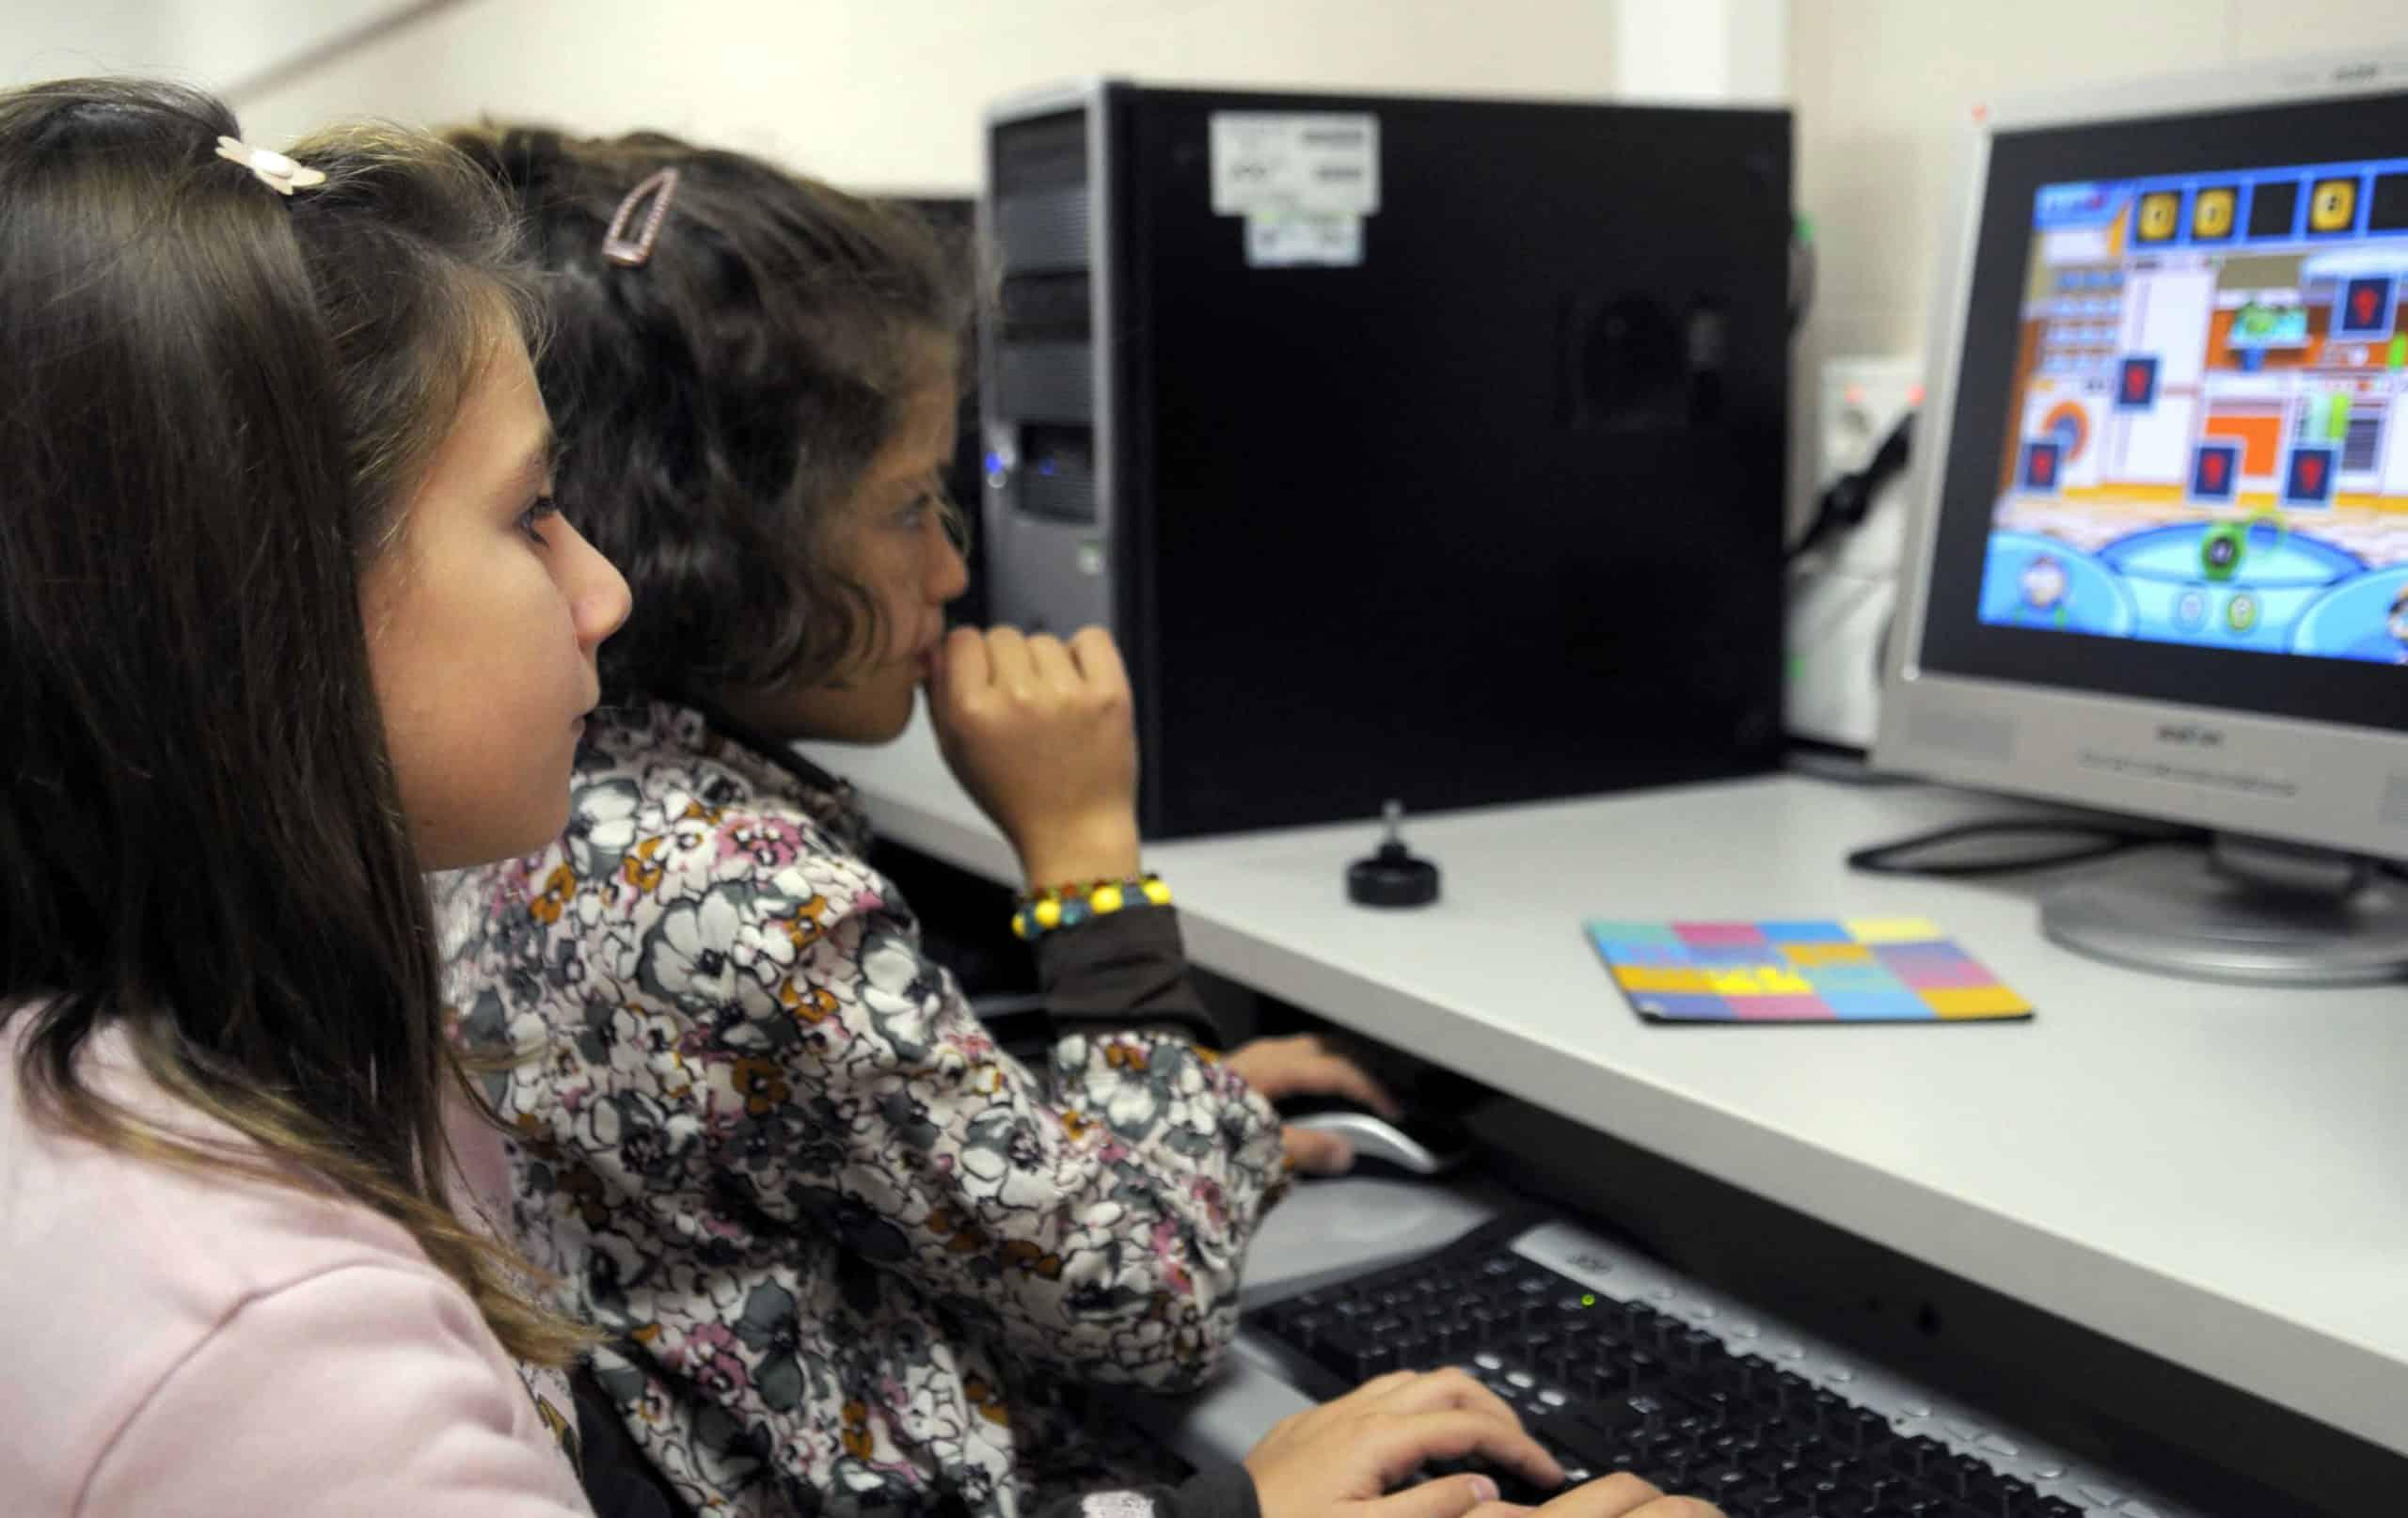 La banda ancha es considerada un motor de desarrollo y herramienta para la desigualdad.